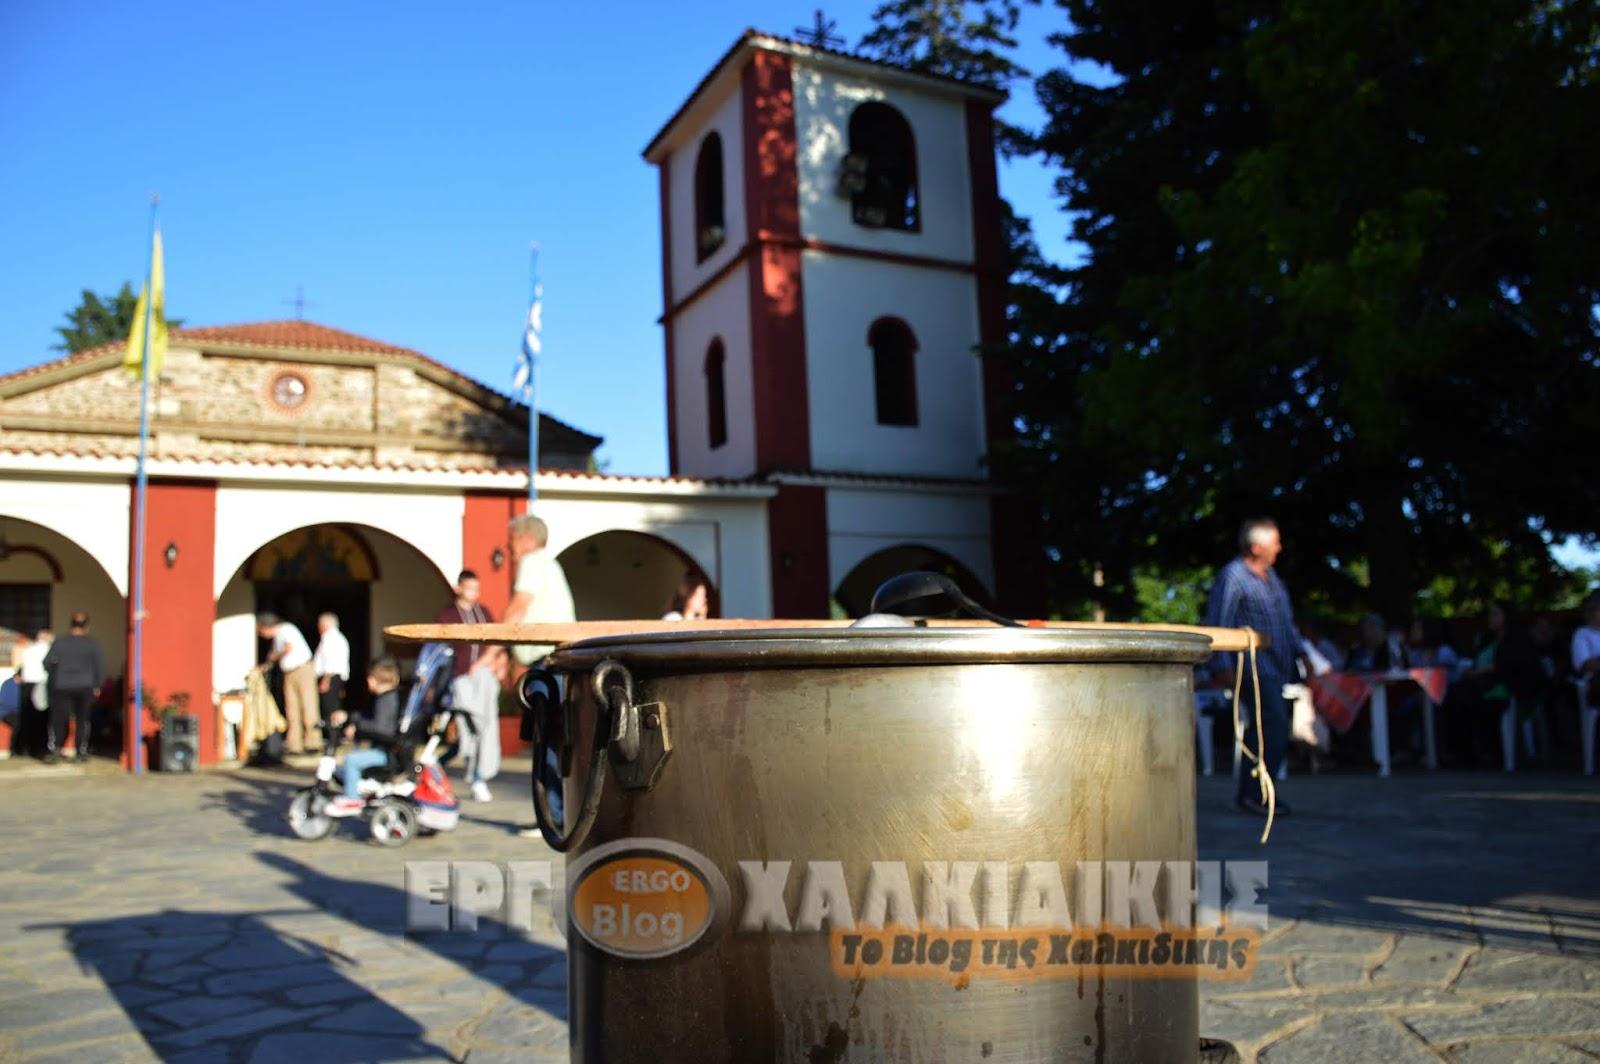 Η γιορτή της μοναστηριακής κουζίνας στην Μεγάλη Παναγία Χαλκιδικής (φώτο ρεπορτάζ)